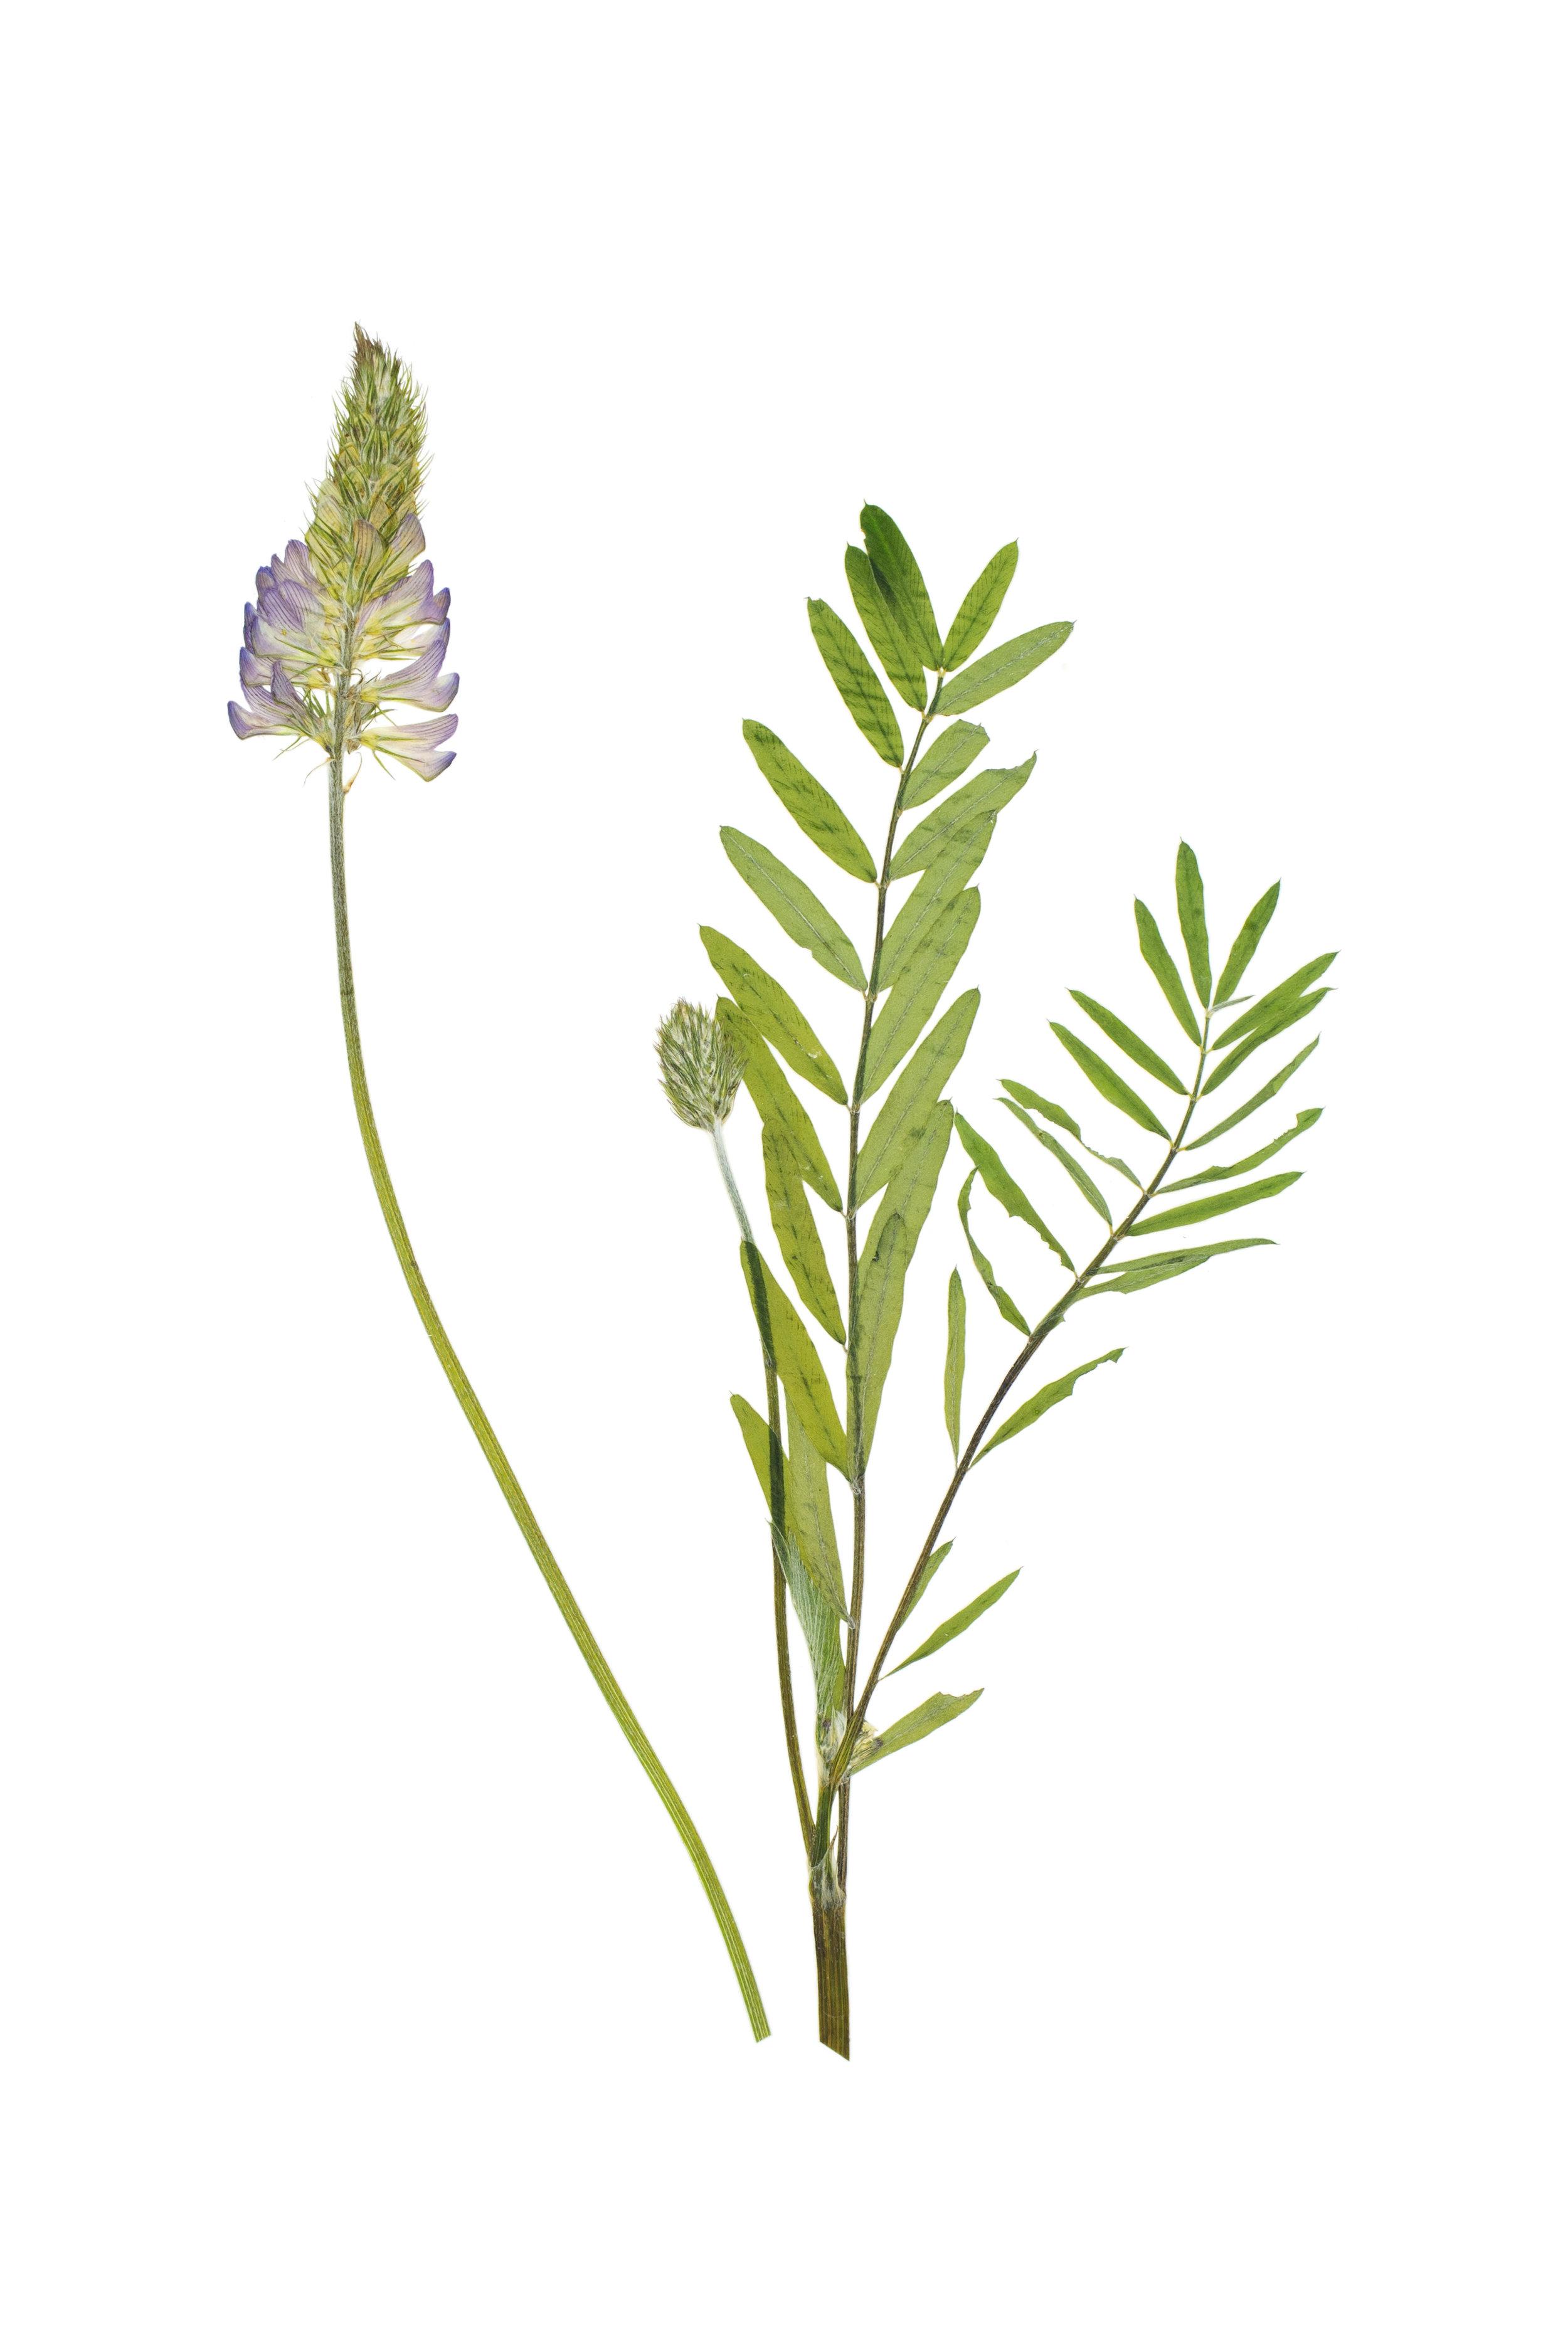 Common Sainfoin / Onobrychis viciifolia